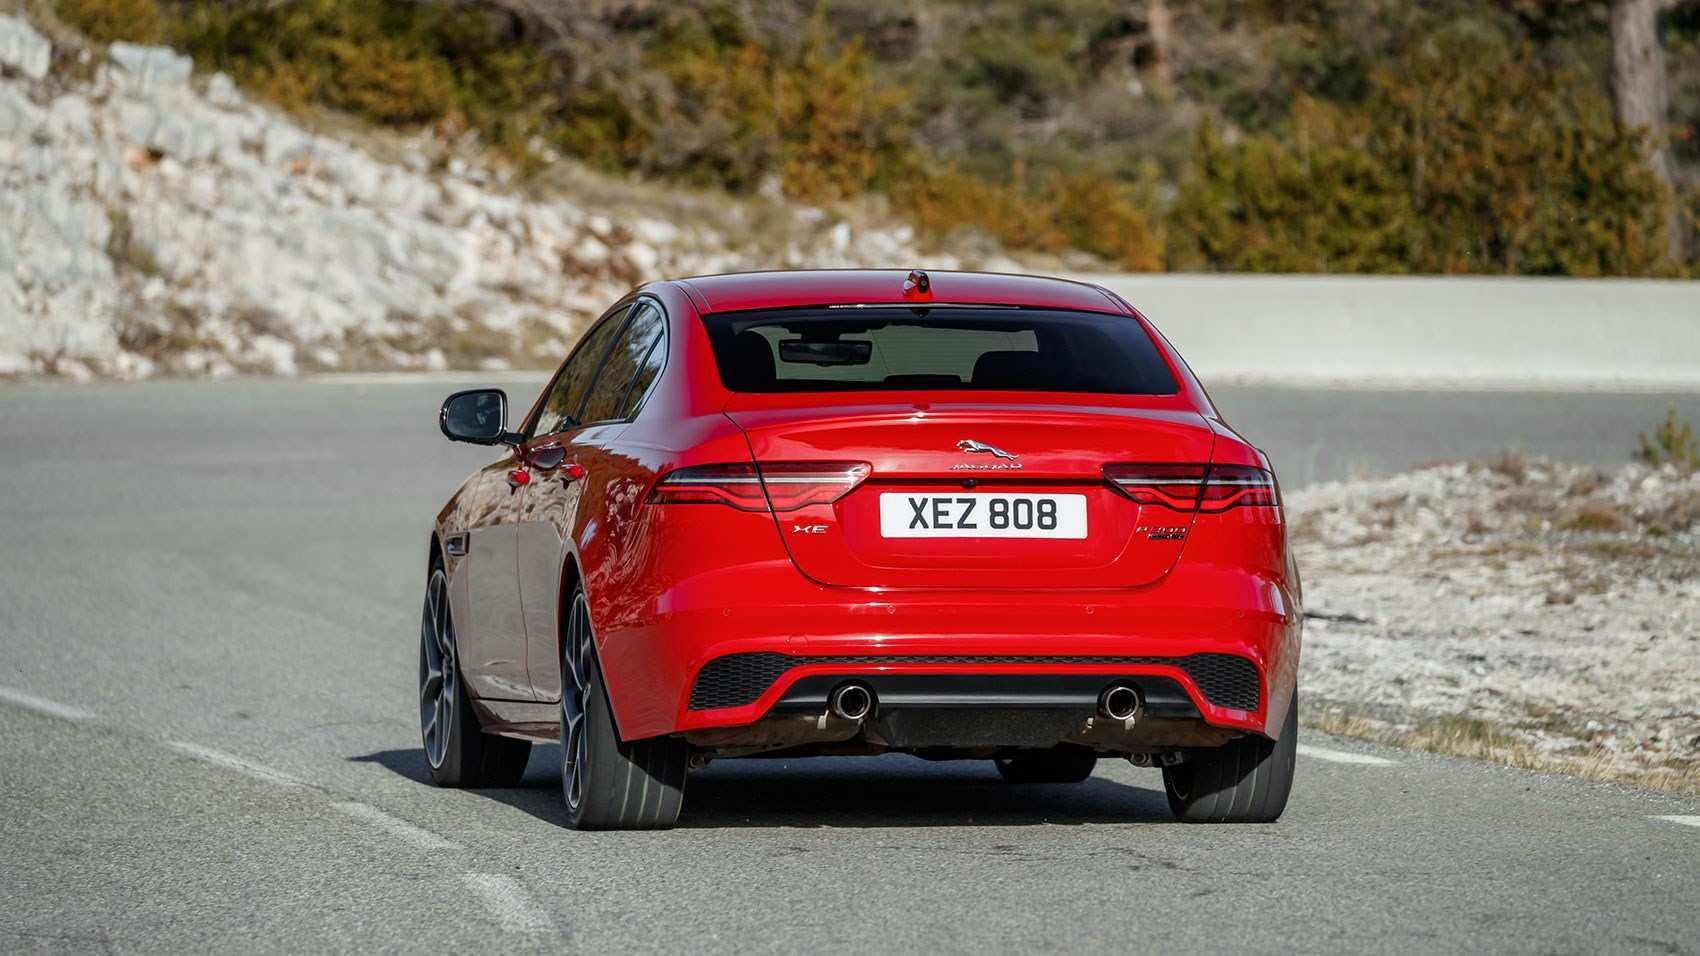 97 Great 2020 Jaguar Xe V6 Rumors for 2020 Jaguar Xe V6